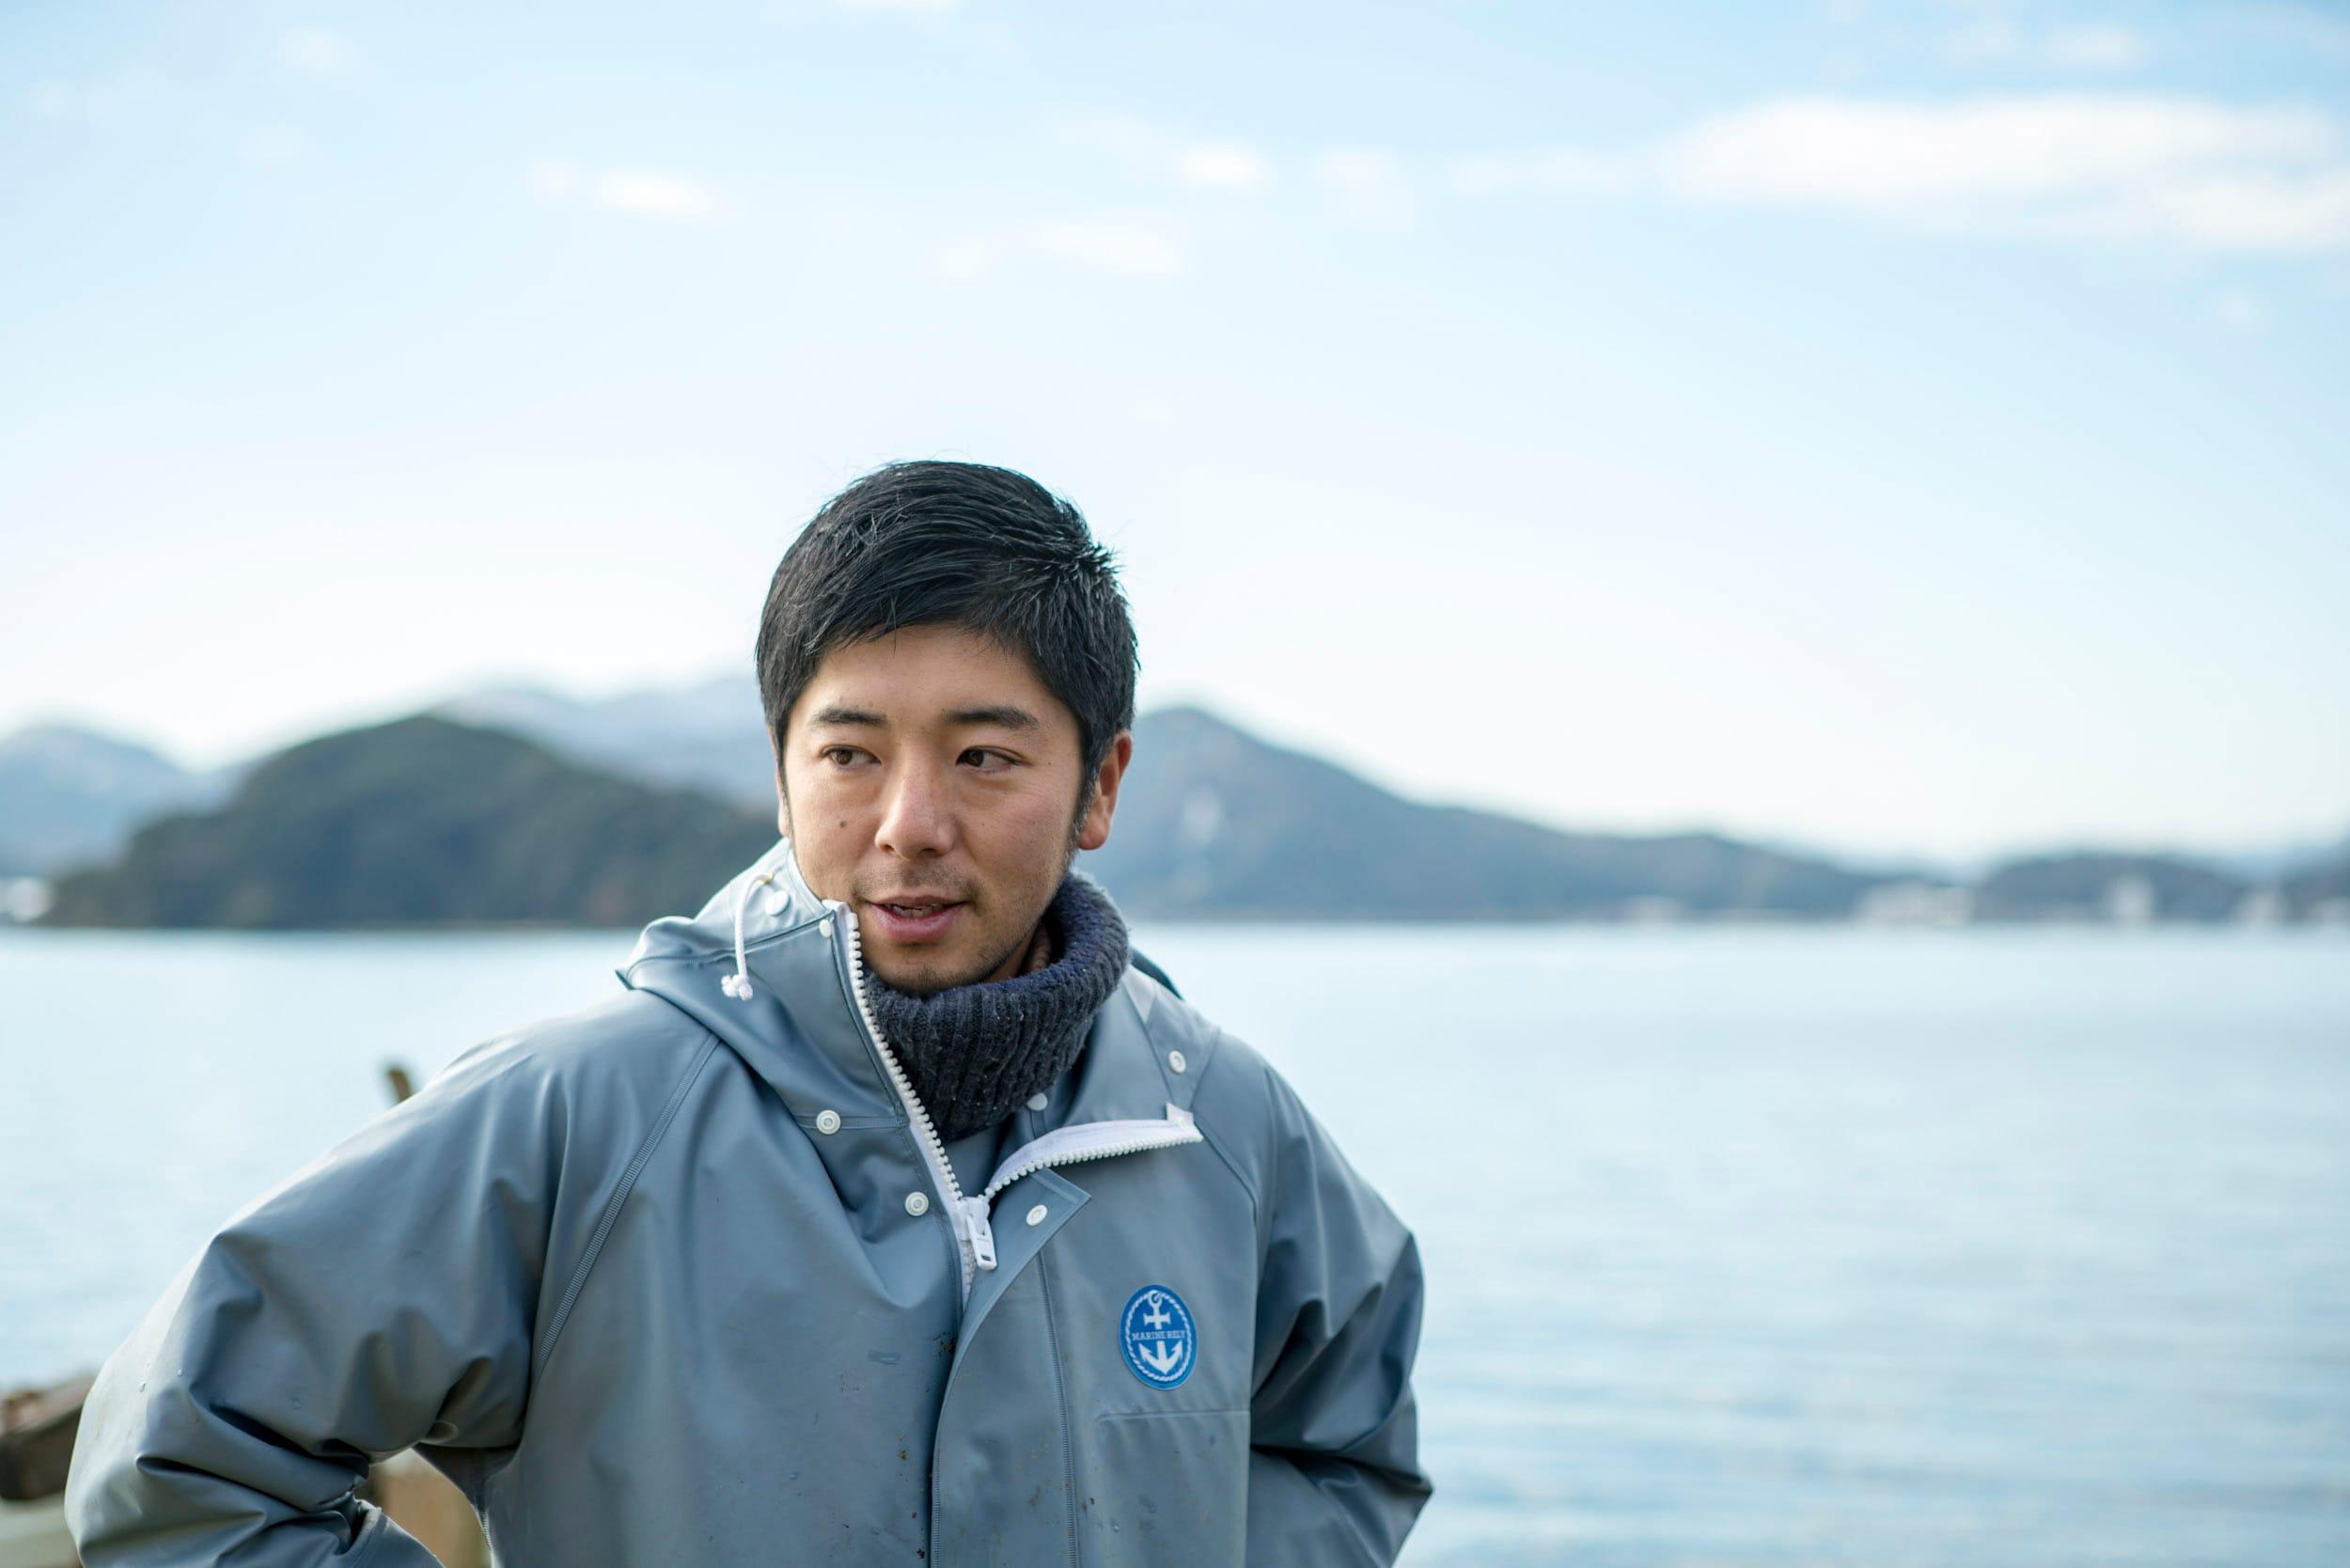 岡山拓也さん。東京では木製デザイン雑貨のメーカーで働いていた。